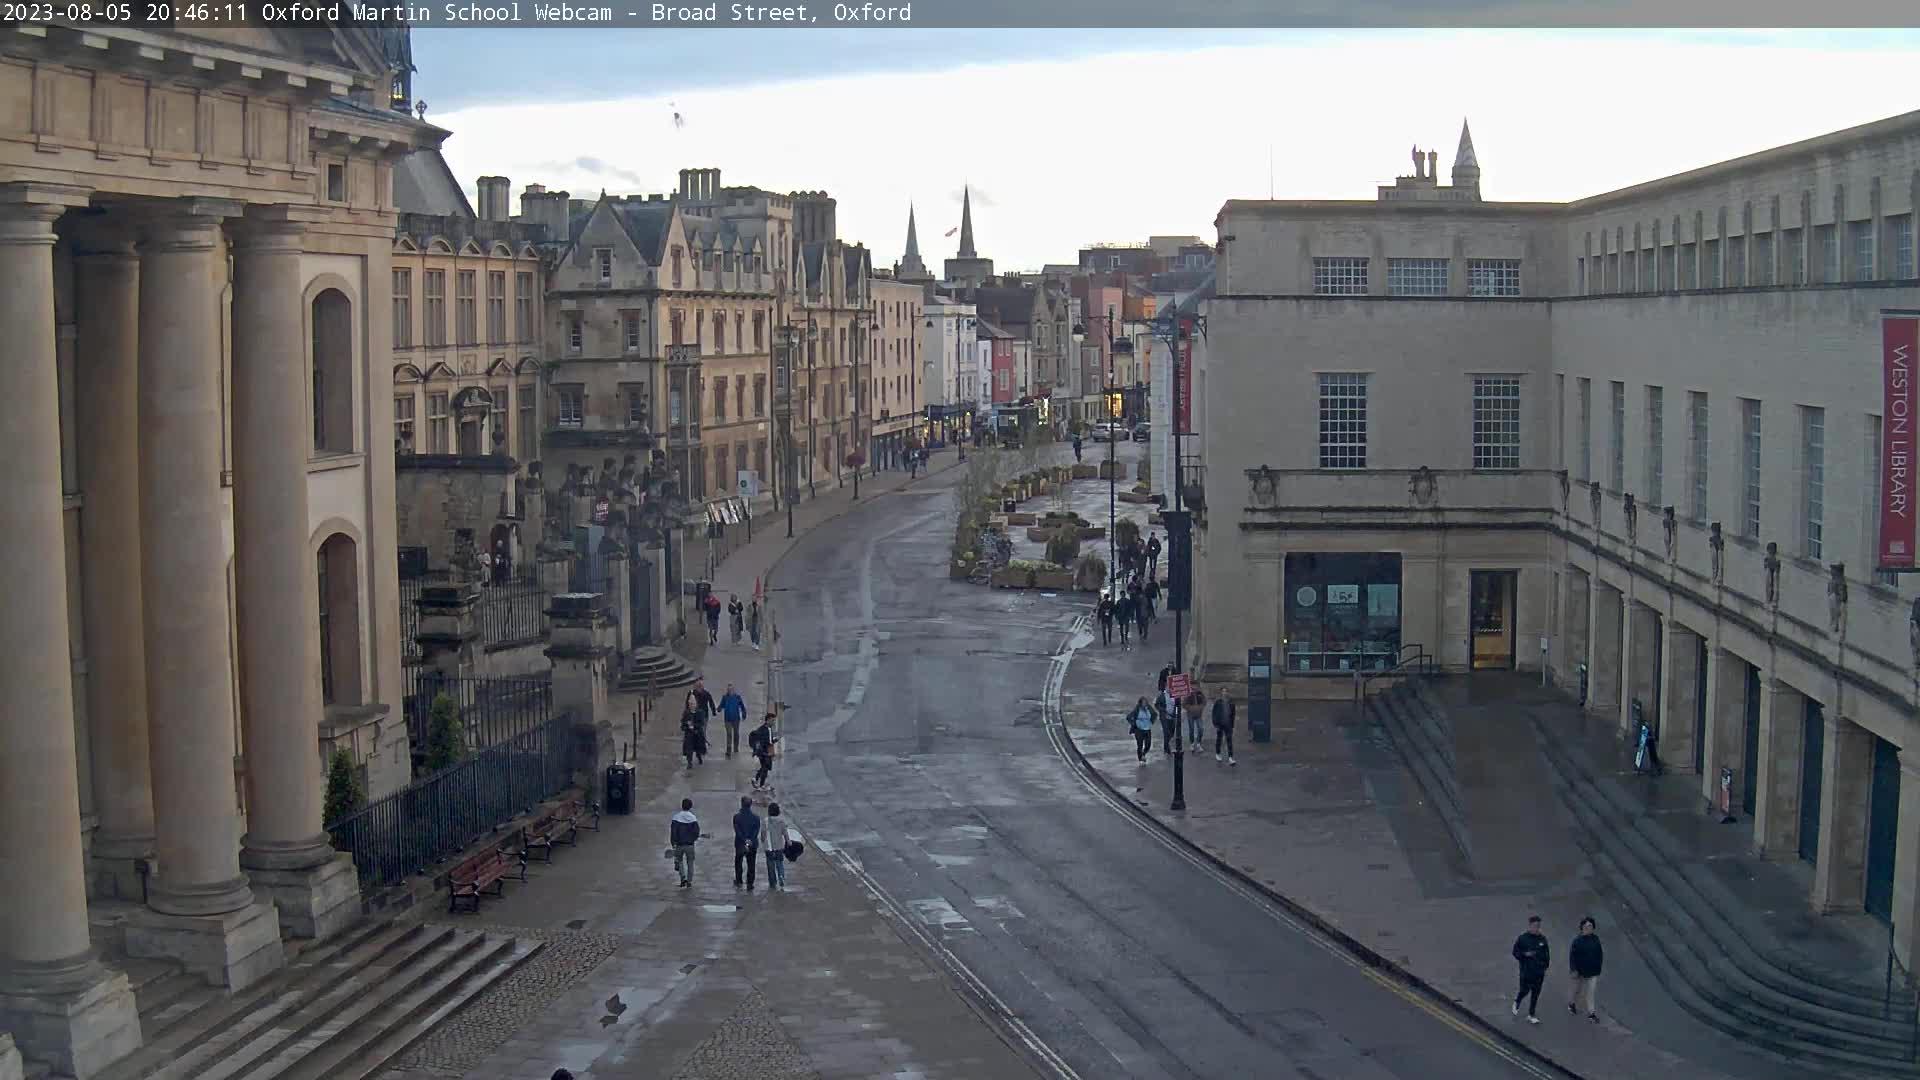 Oxford Sun. 20:46